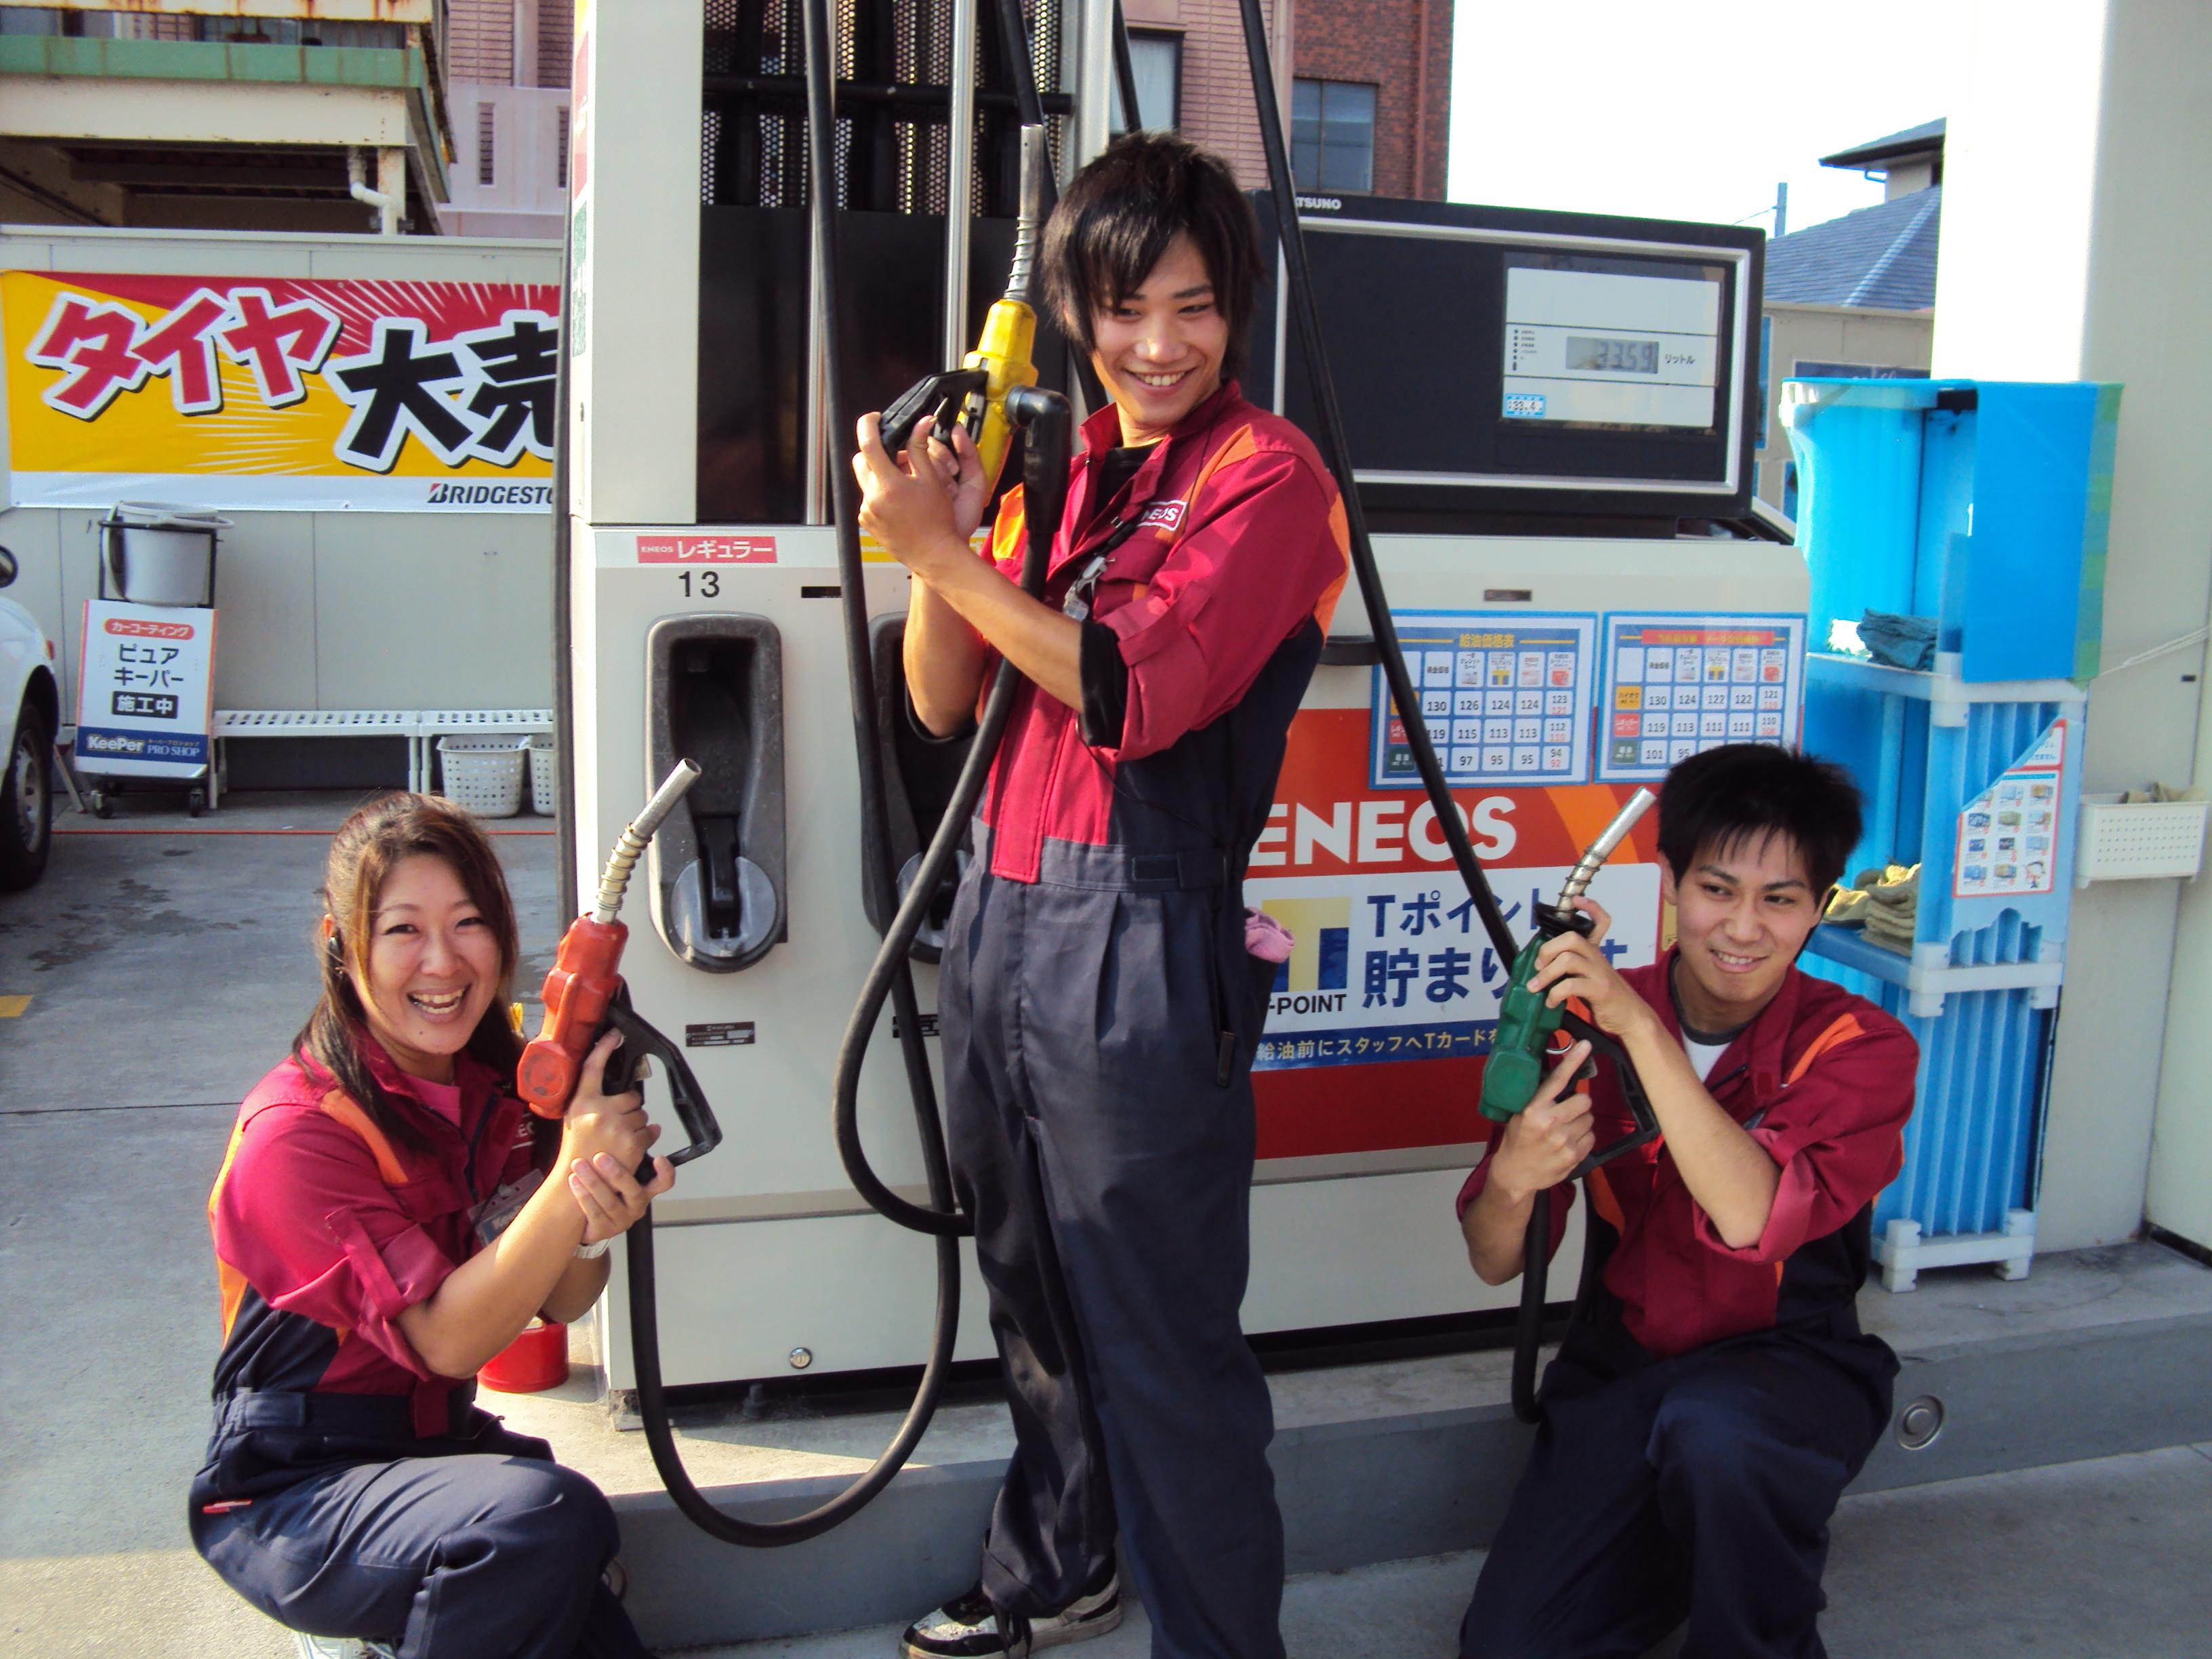 エネオス Dr.Drive セルフ三島伏見店(伊伝株式会社) のアルバイト情報